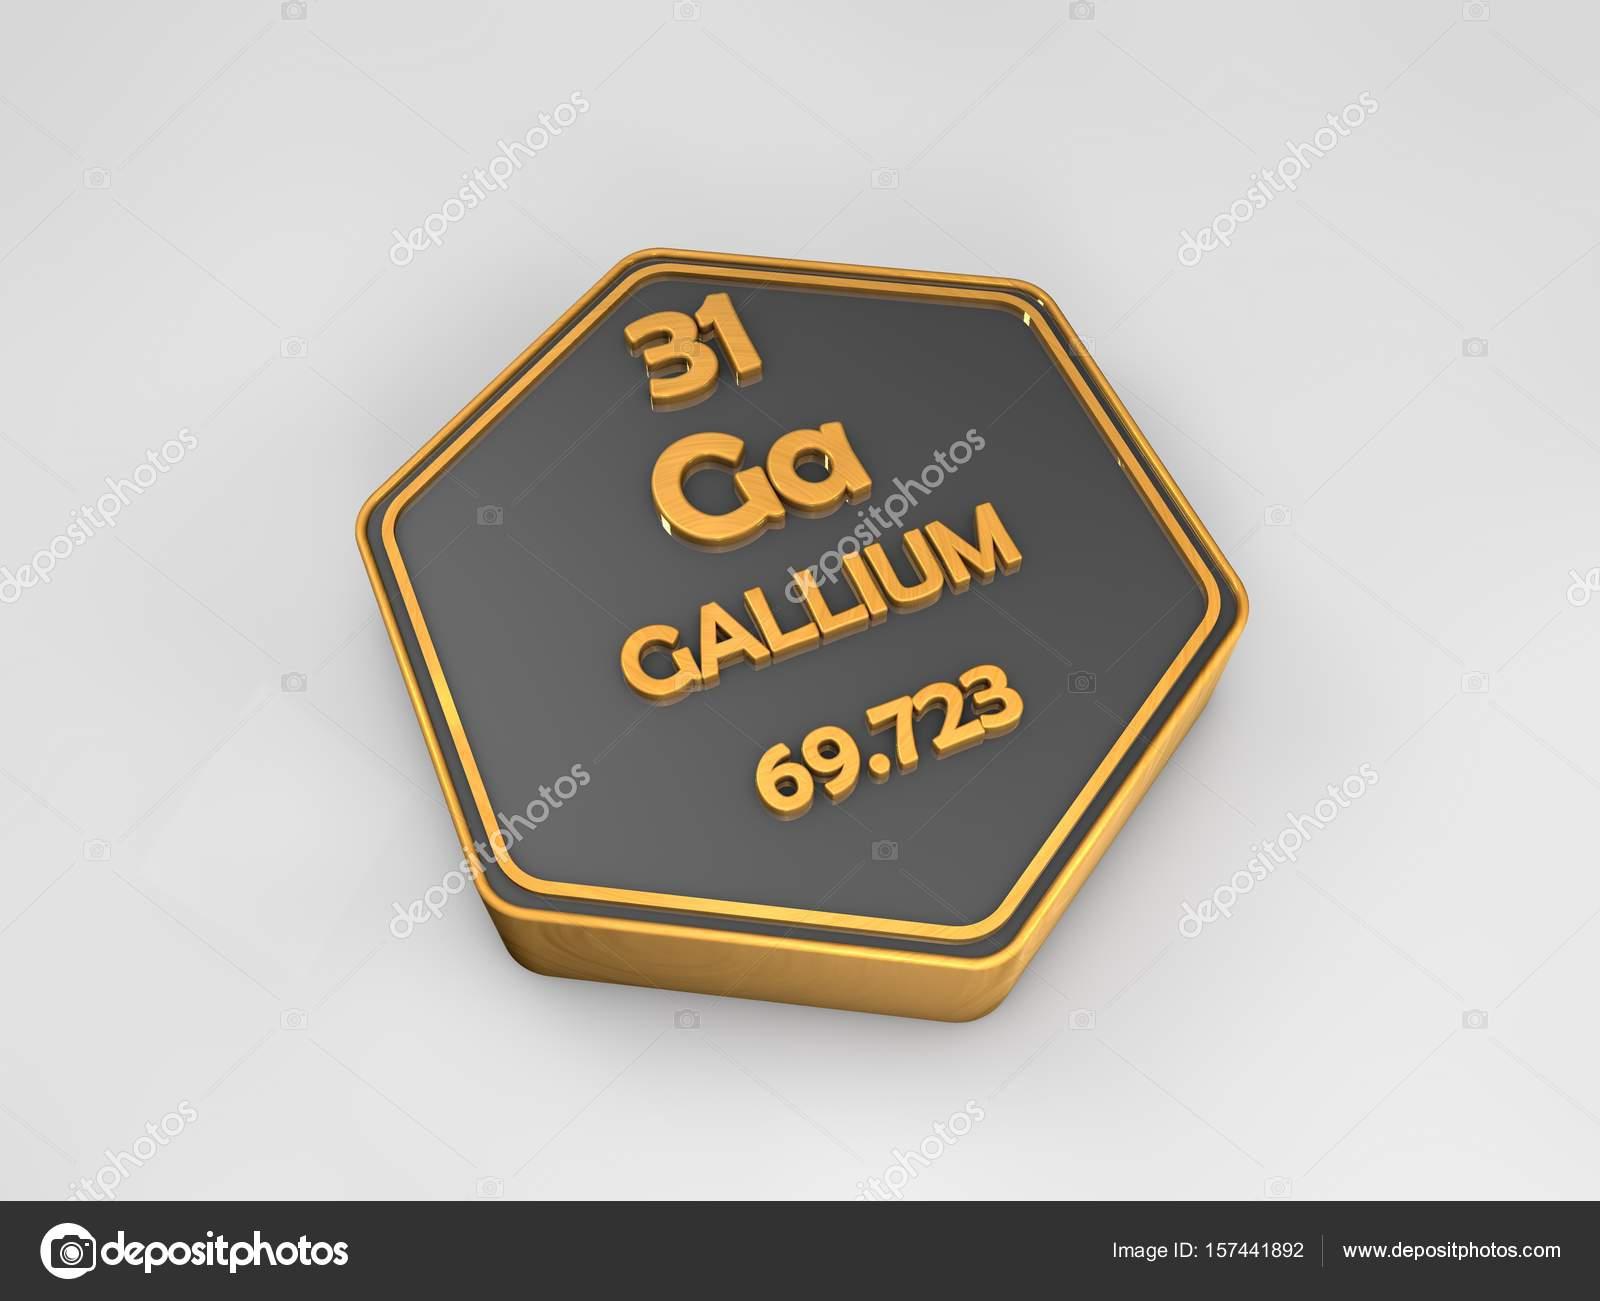 galio ga elemento qumico tabla peridica forma hexagonal 3d render fotos de stock - Tabla Periodica De Los Elementos Galio